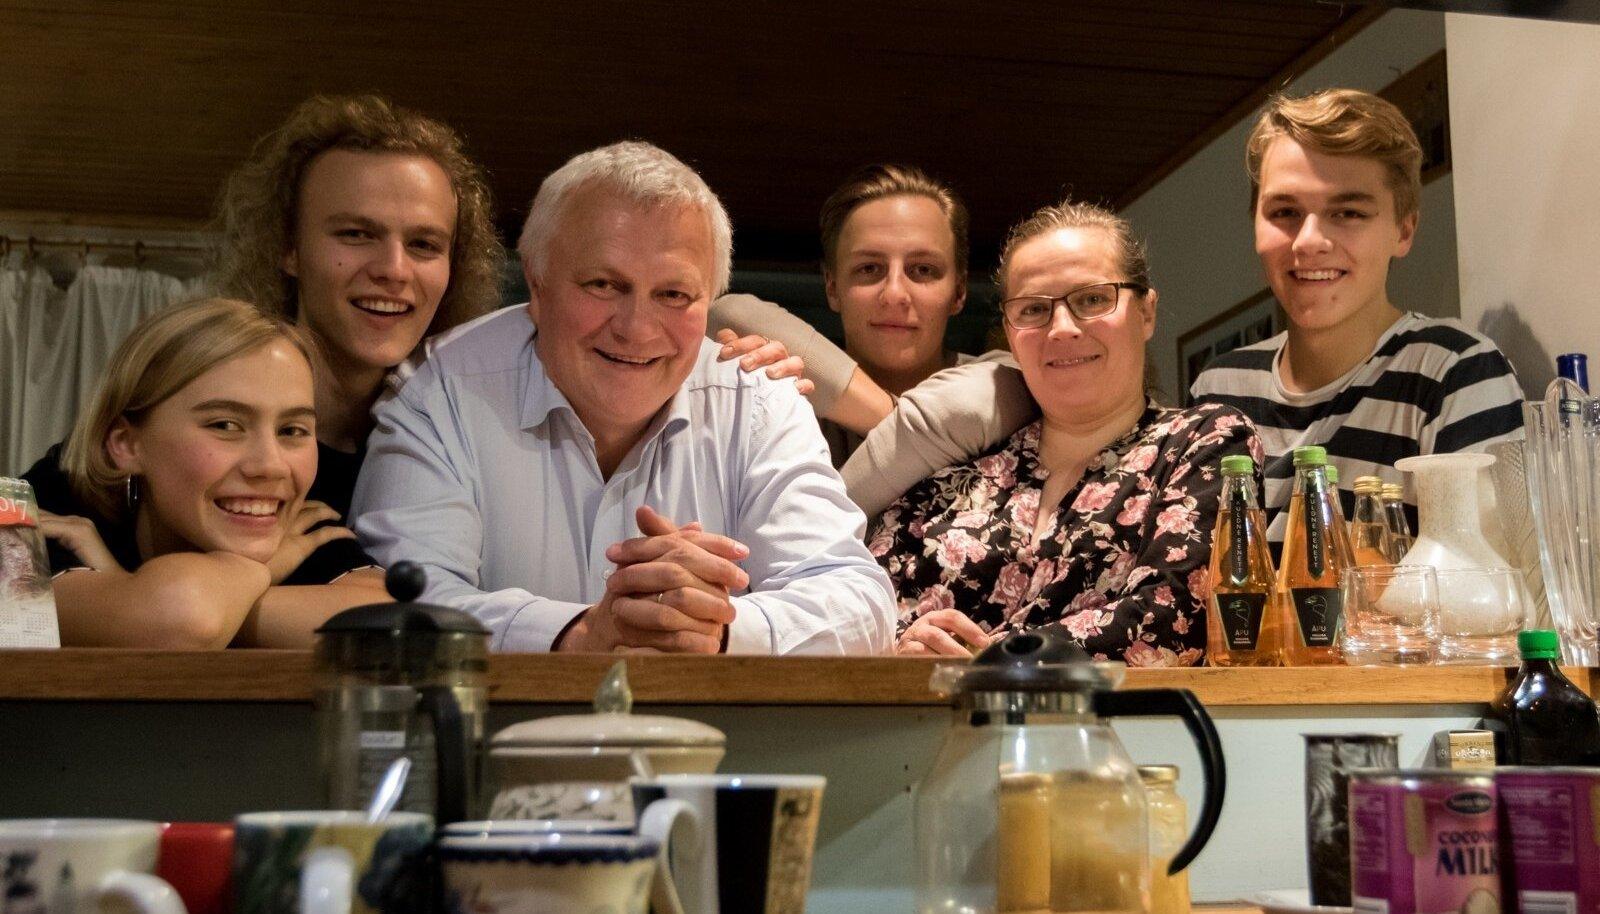 Perekond Nõmmanid. Vasakult Iris Helena, Ingmar, Sulev, Christopher, Tea ja Robert